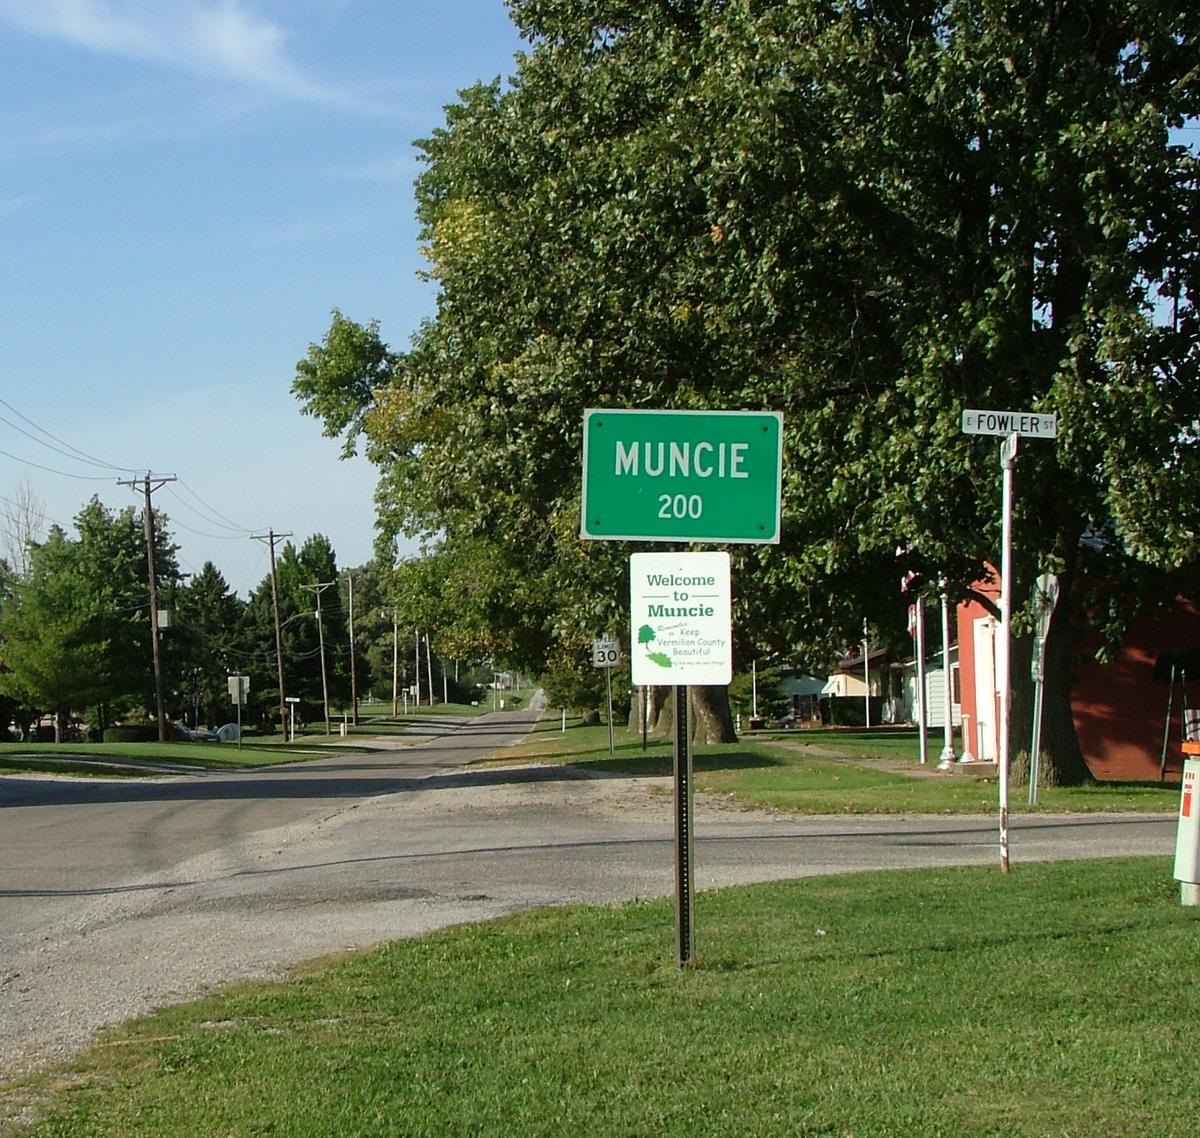 Illinois vermilion county fairmount - Illinois Vermilion County Fairmount 35